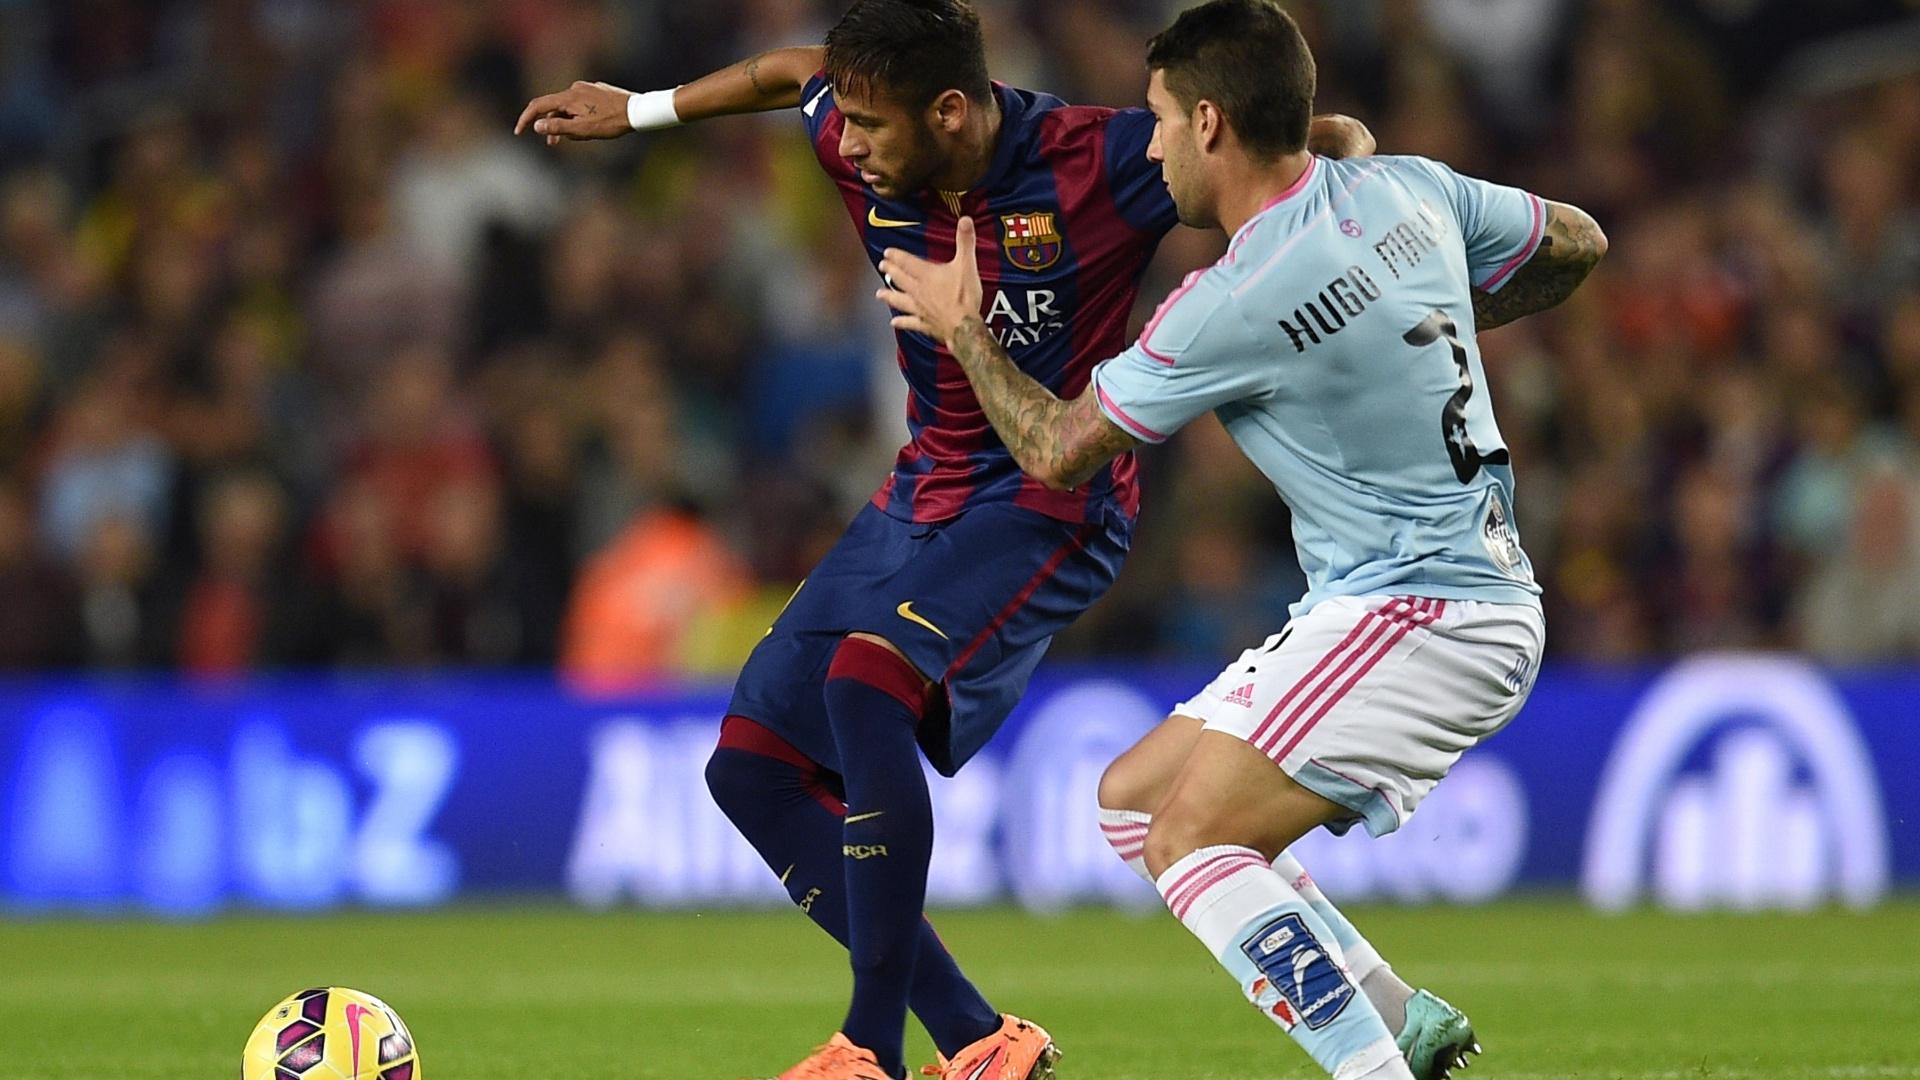 Neymar tenta proteger bola da marcação do Celta em jogo válido pelo Espanhol